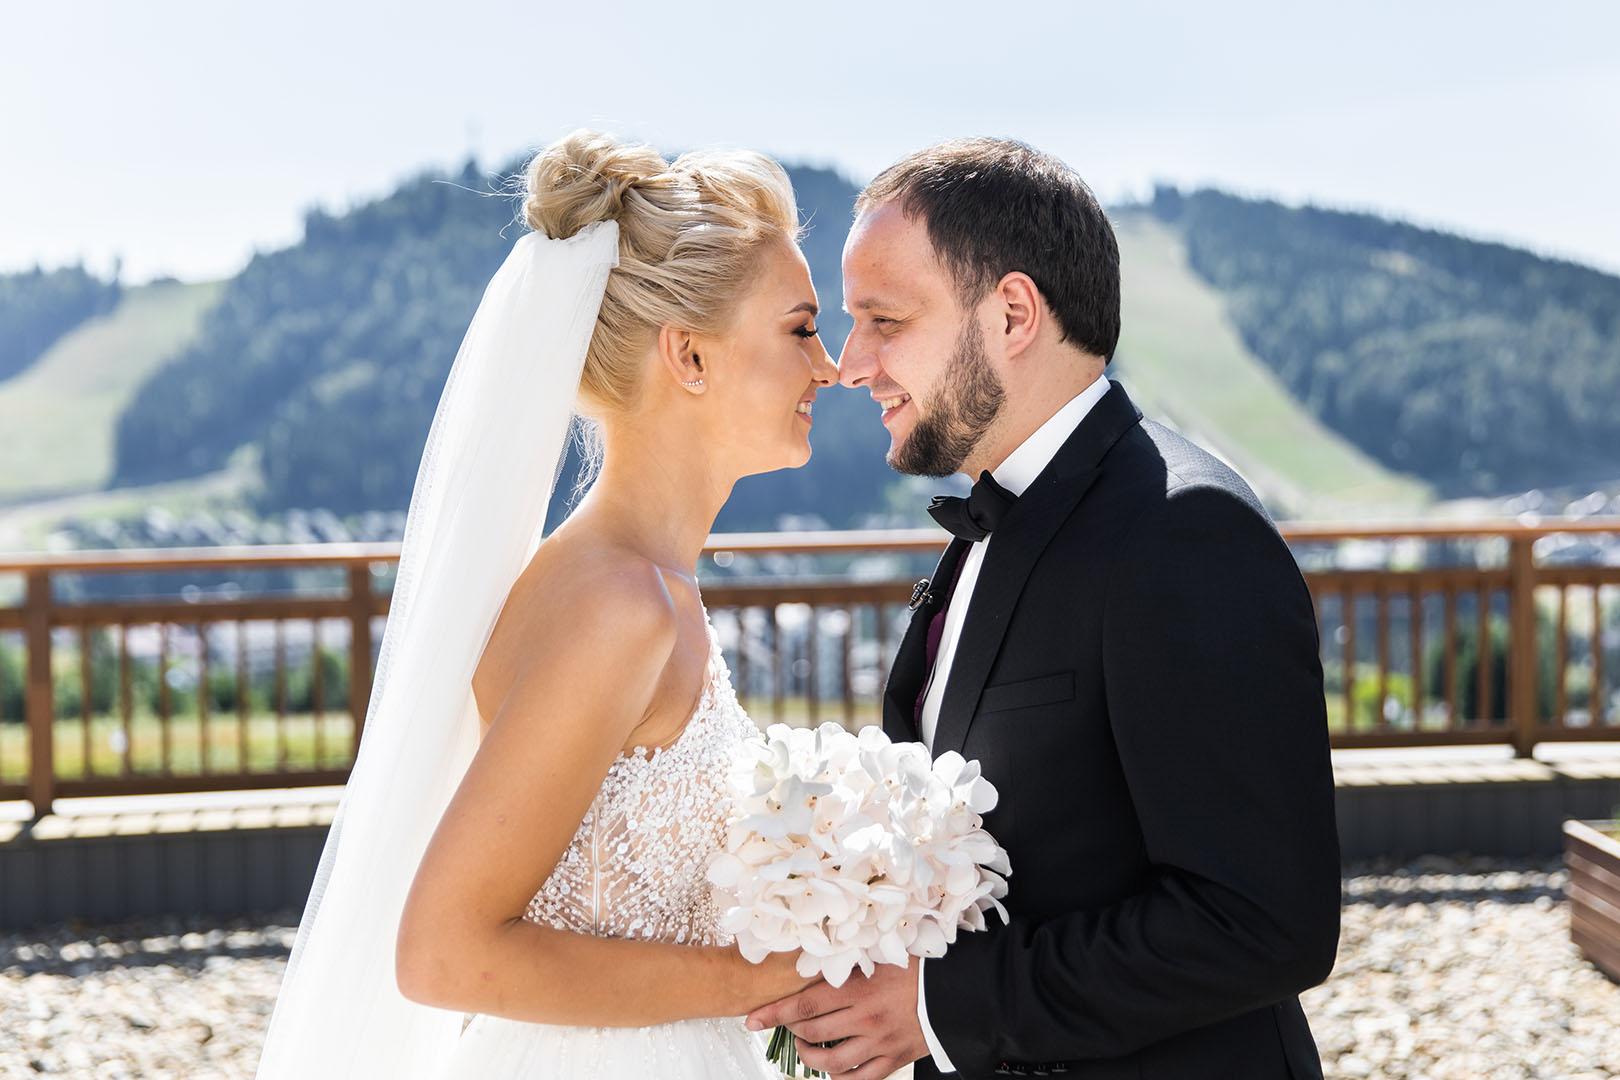 Свадьбы во время пандемии: для любви нет преград